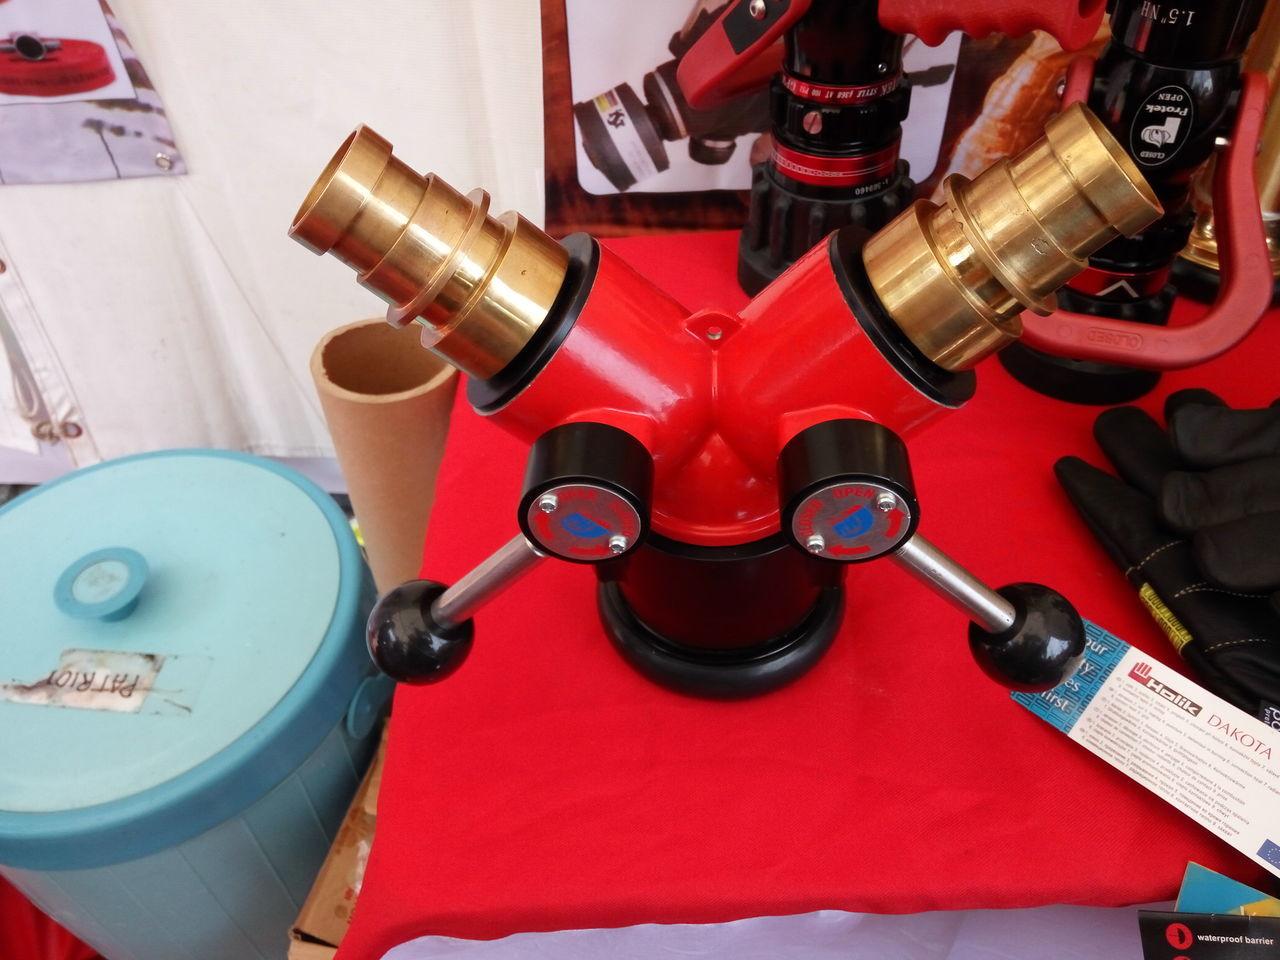 Firefighter Hydrantvalve Hydrantequipment FireFighting  fire system standard nfpa, ul certified, fm approved, ULc Certified product EyeEm Best Shots EyeEm Gallery